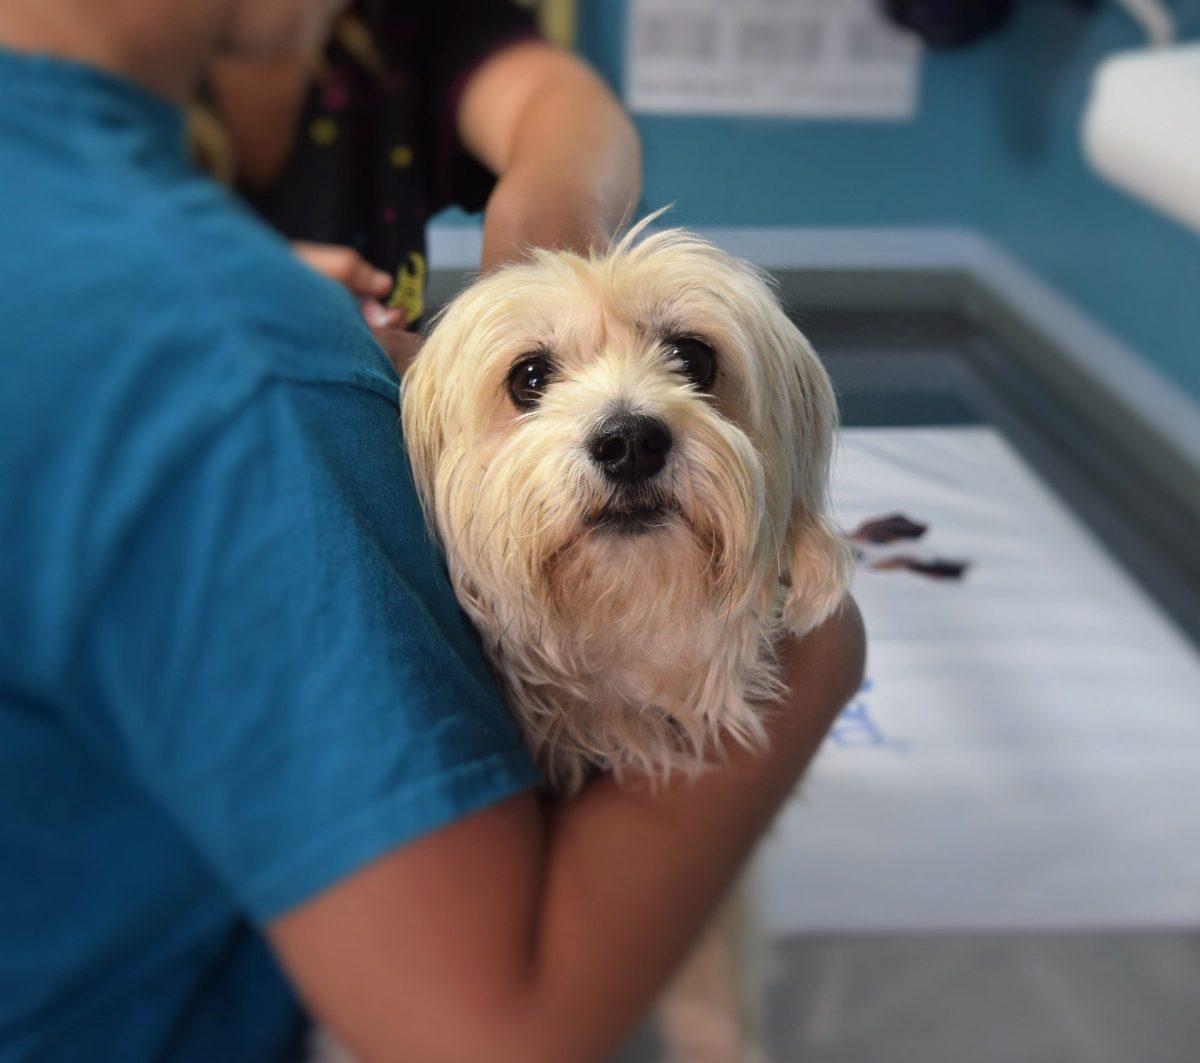 Ali nas morajo veterinarji obveščati o roku za cepljenje proti steklini?